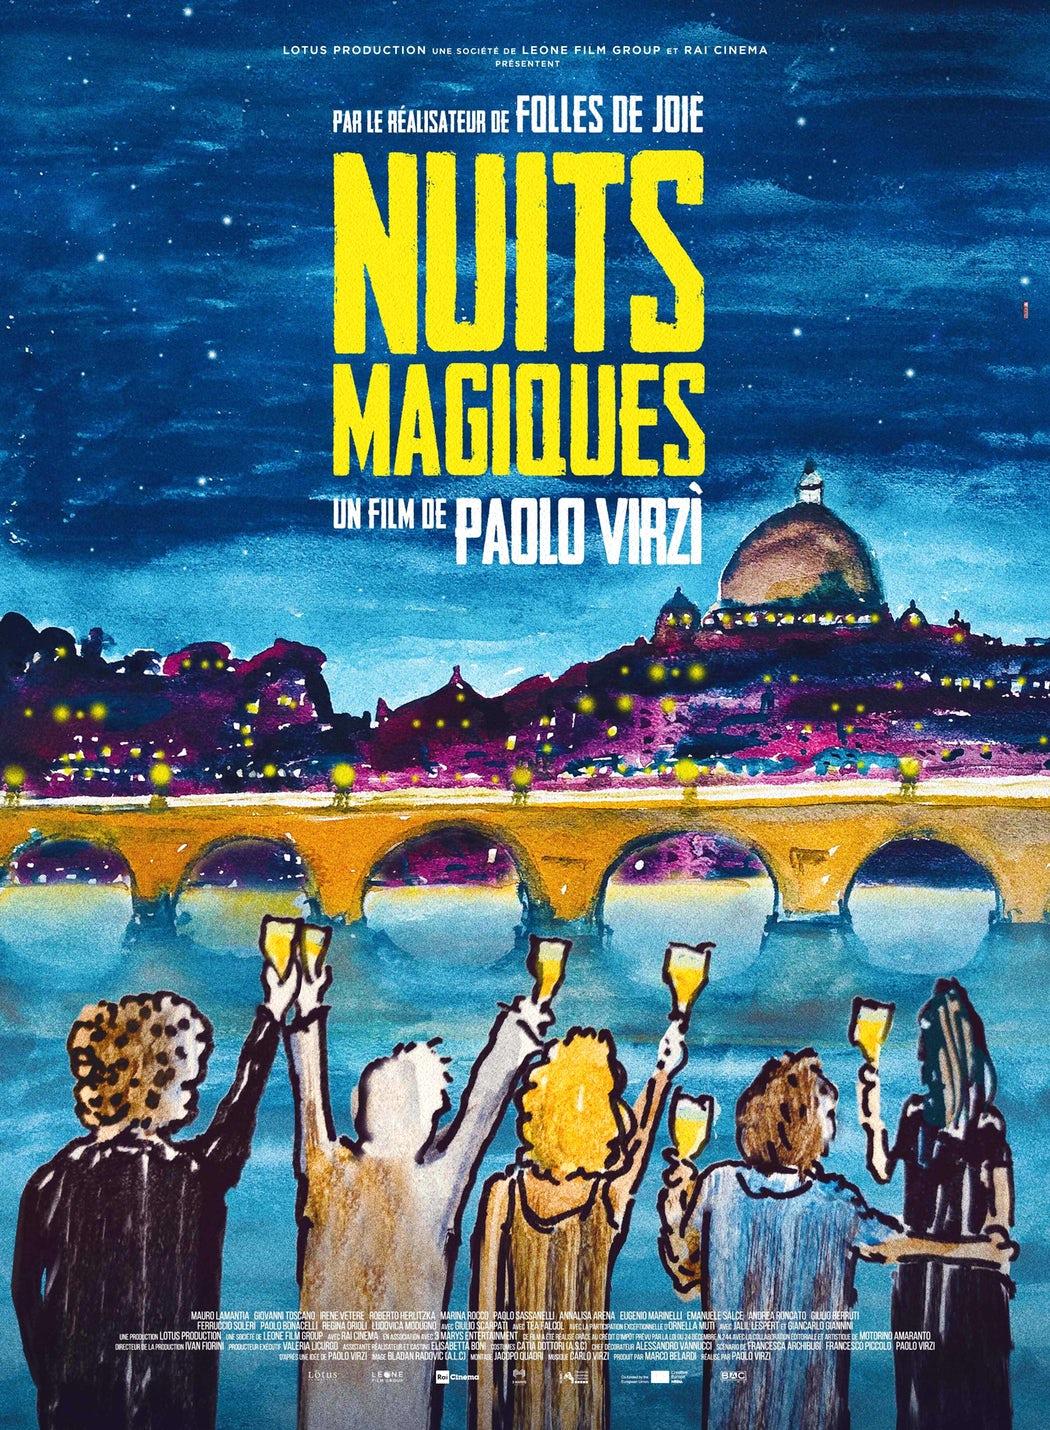 Image du film Nuits magiques